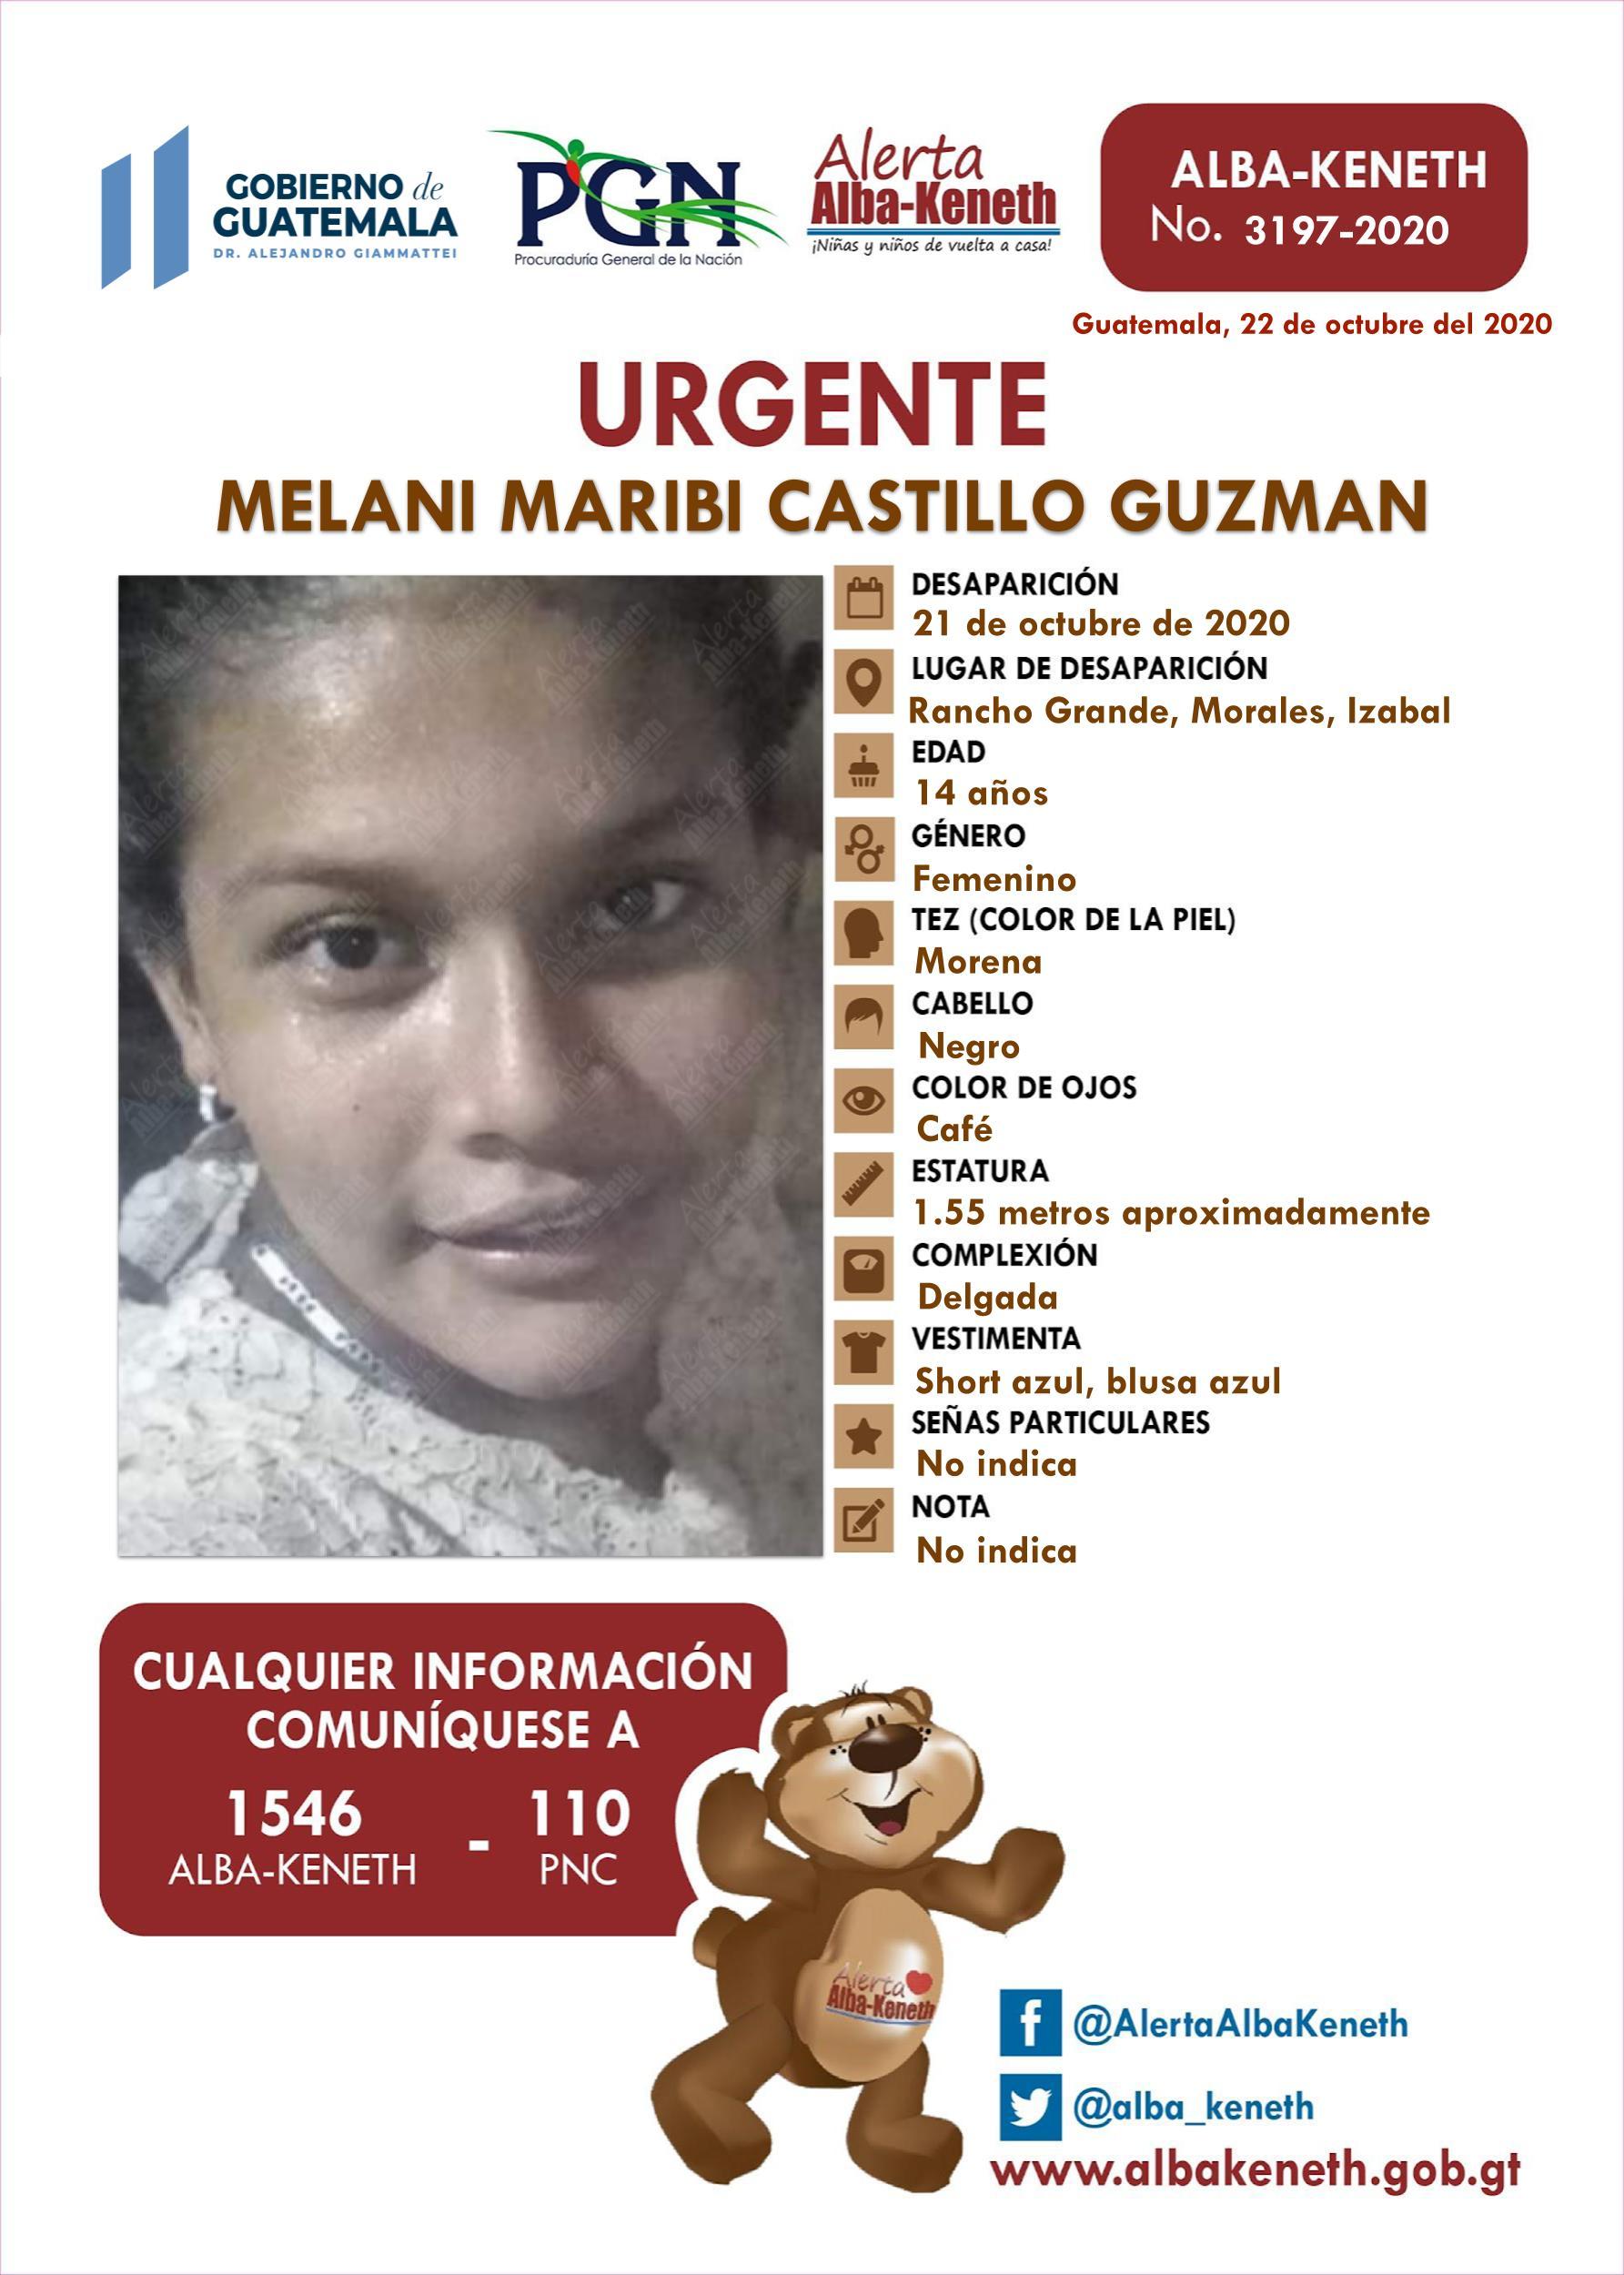 Melani Maribi Castillo Guzman